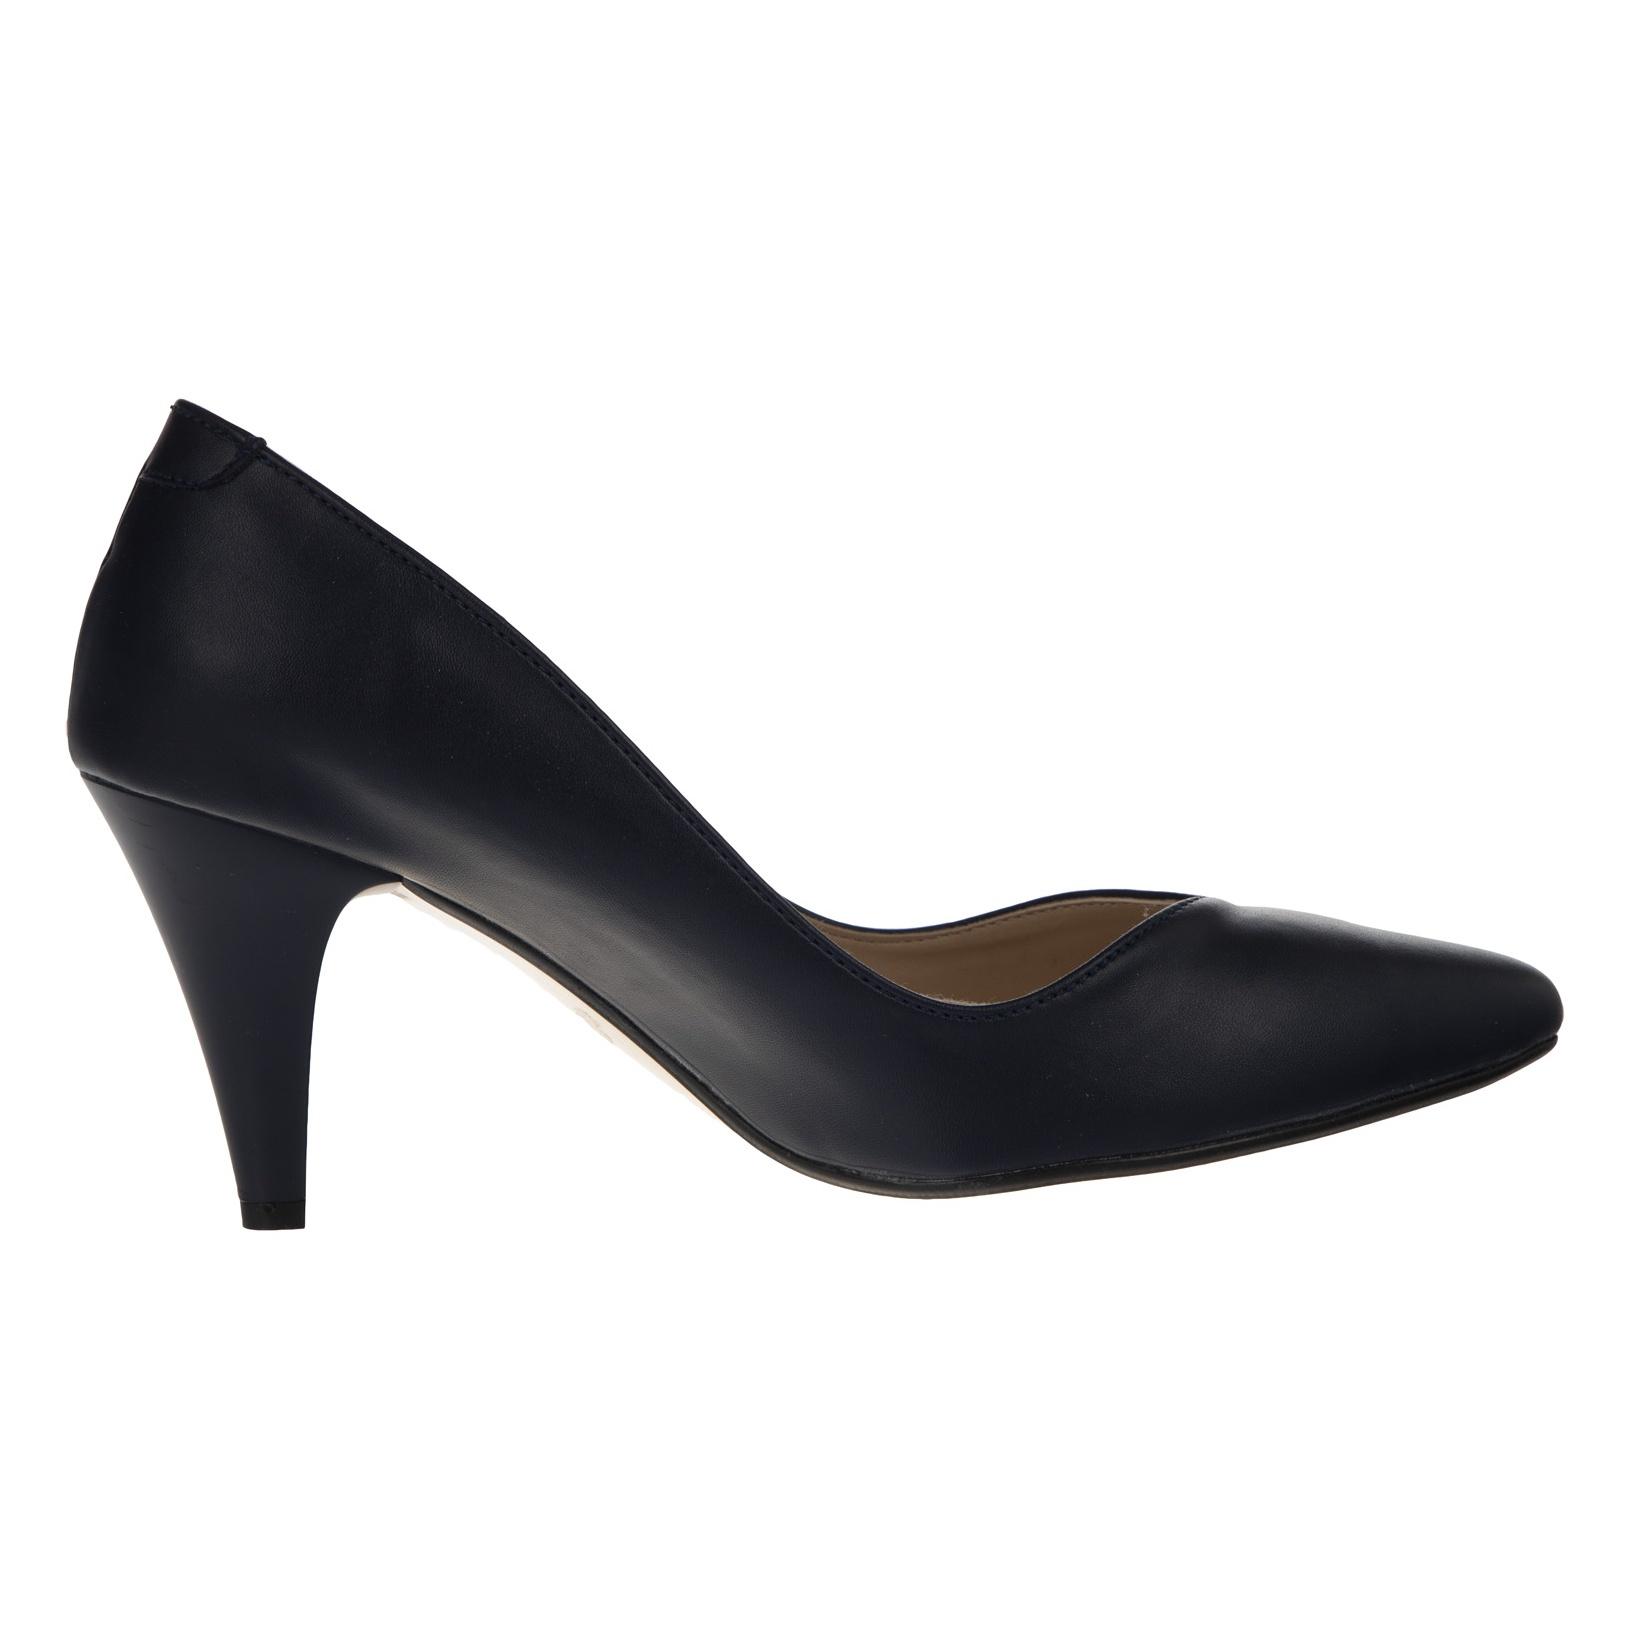 کفش زنانه پولاریس مدل 100294709-113 main 1 4